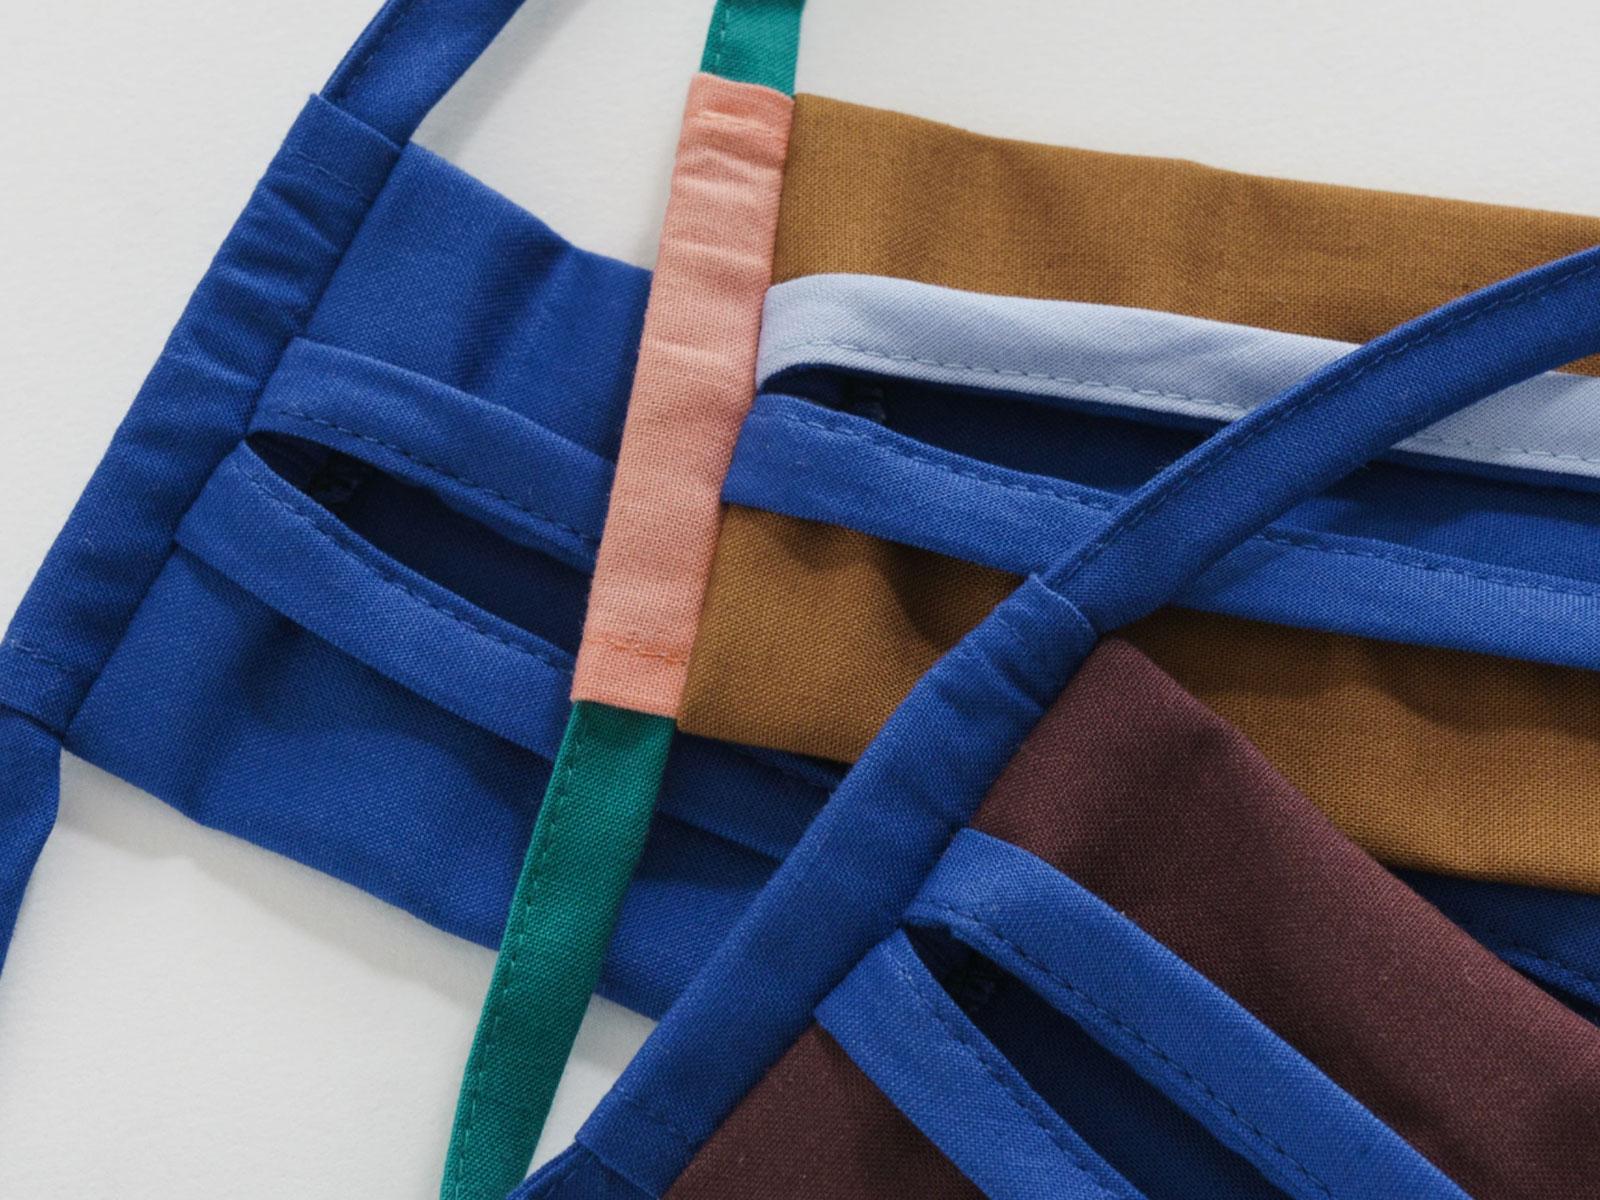 100 Percent Cotton Cloth Face Masks